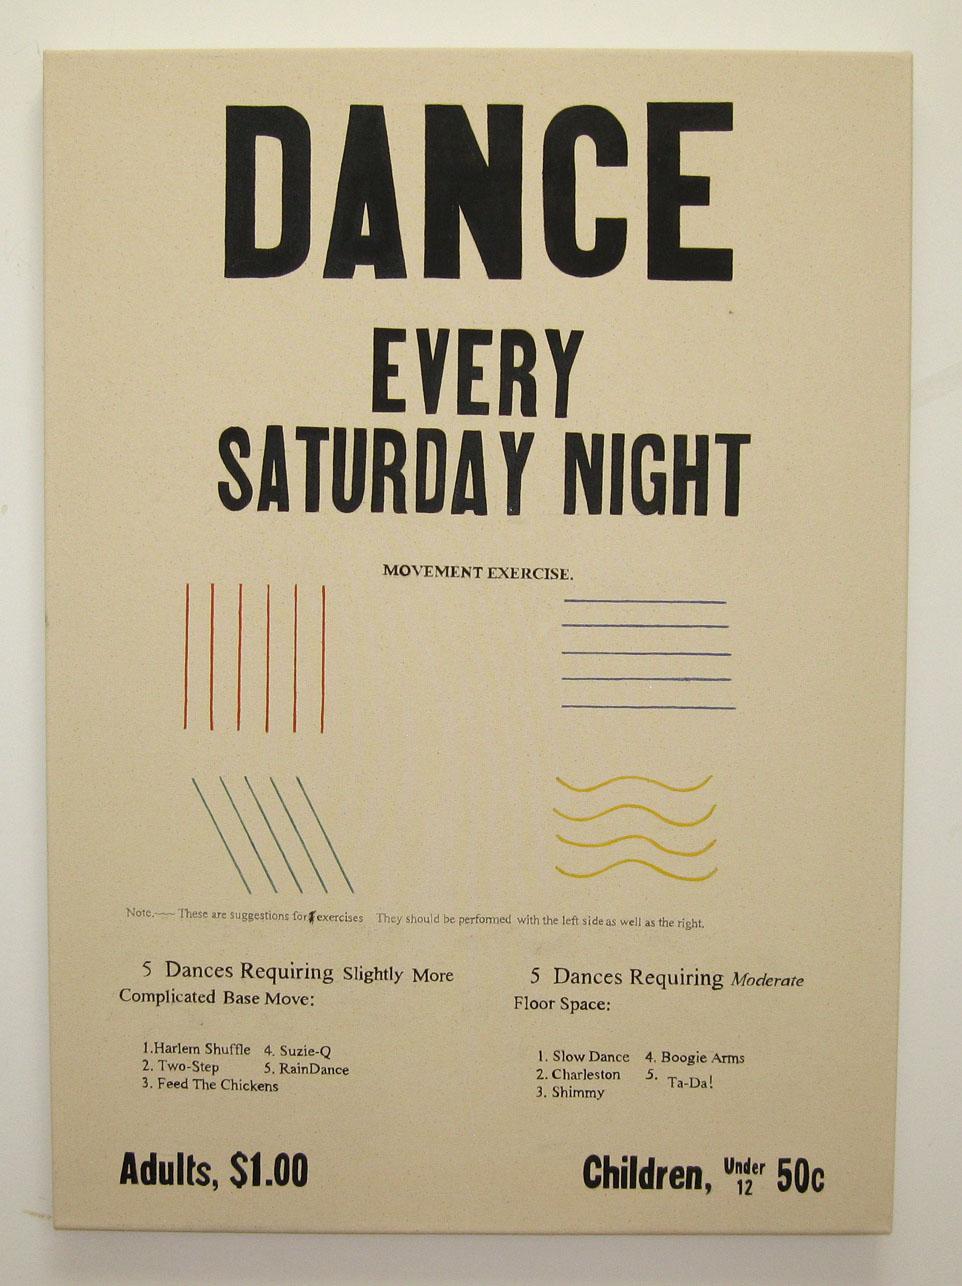 DanceMovementExercise2009.jpg